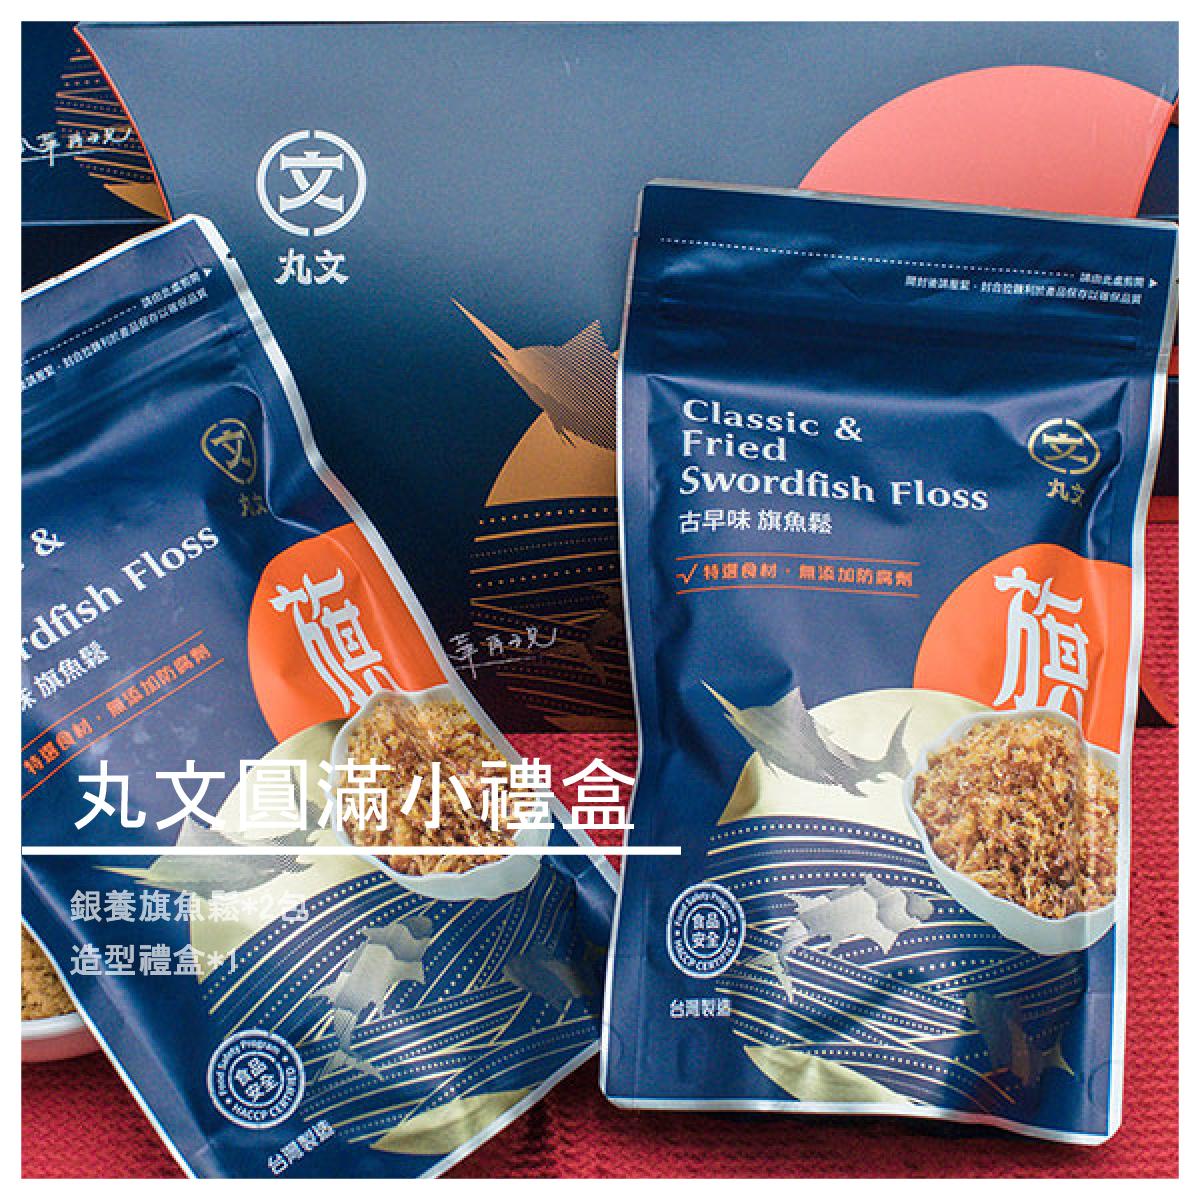 【丸文食品】丸文圓滿小禮盒(古早味旗魚鬆2包)